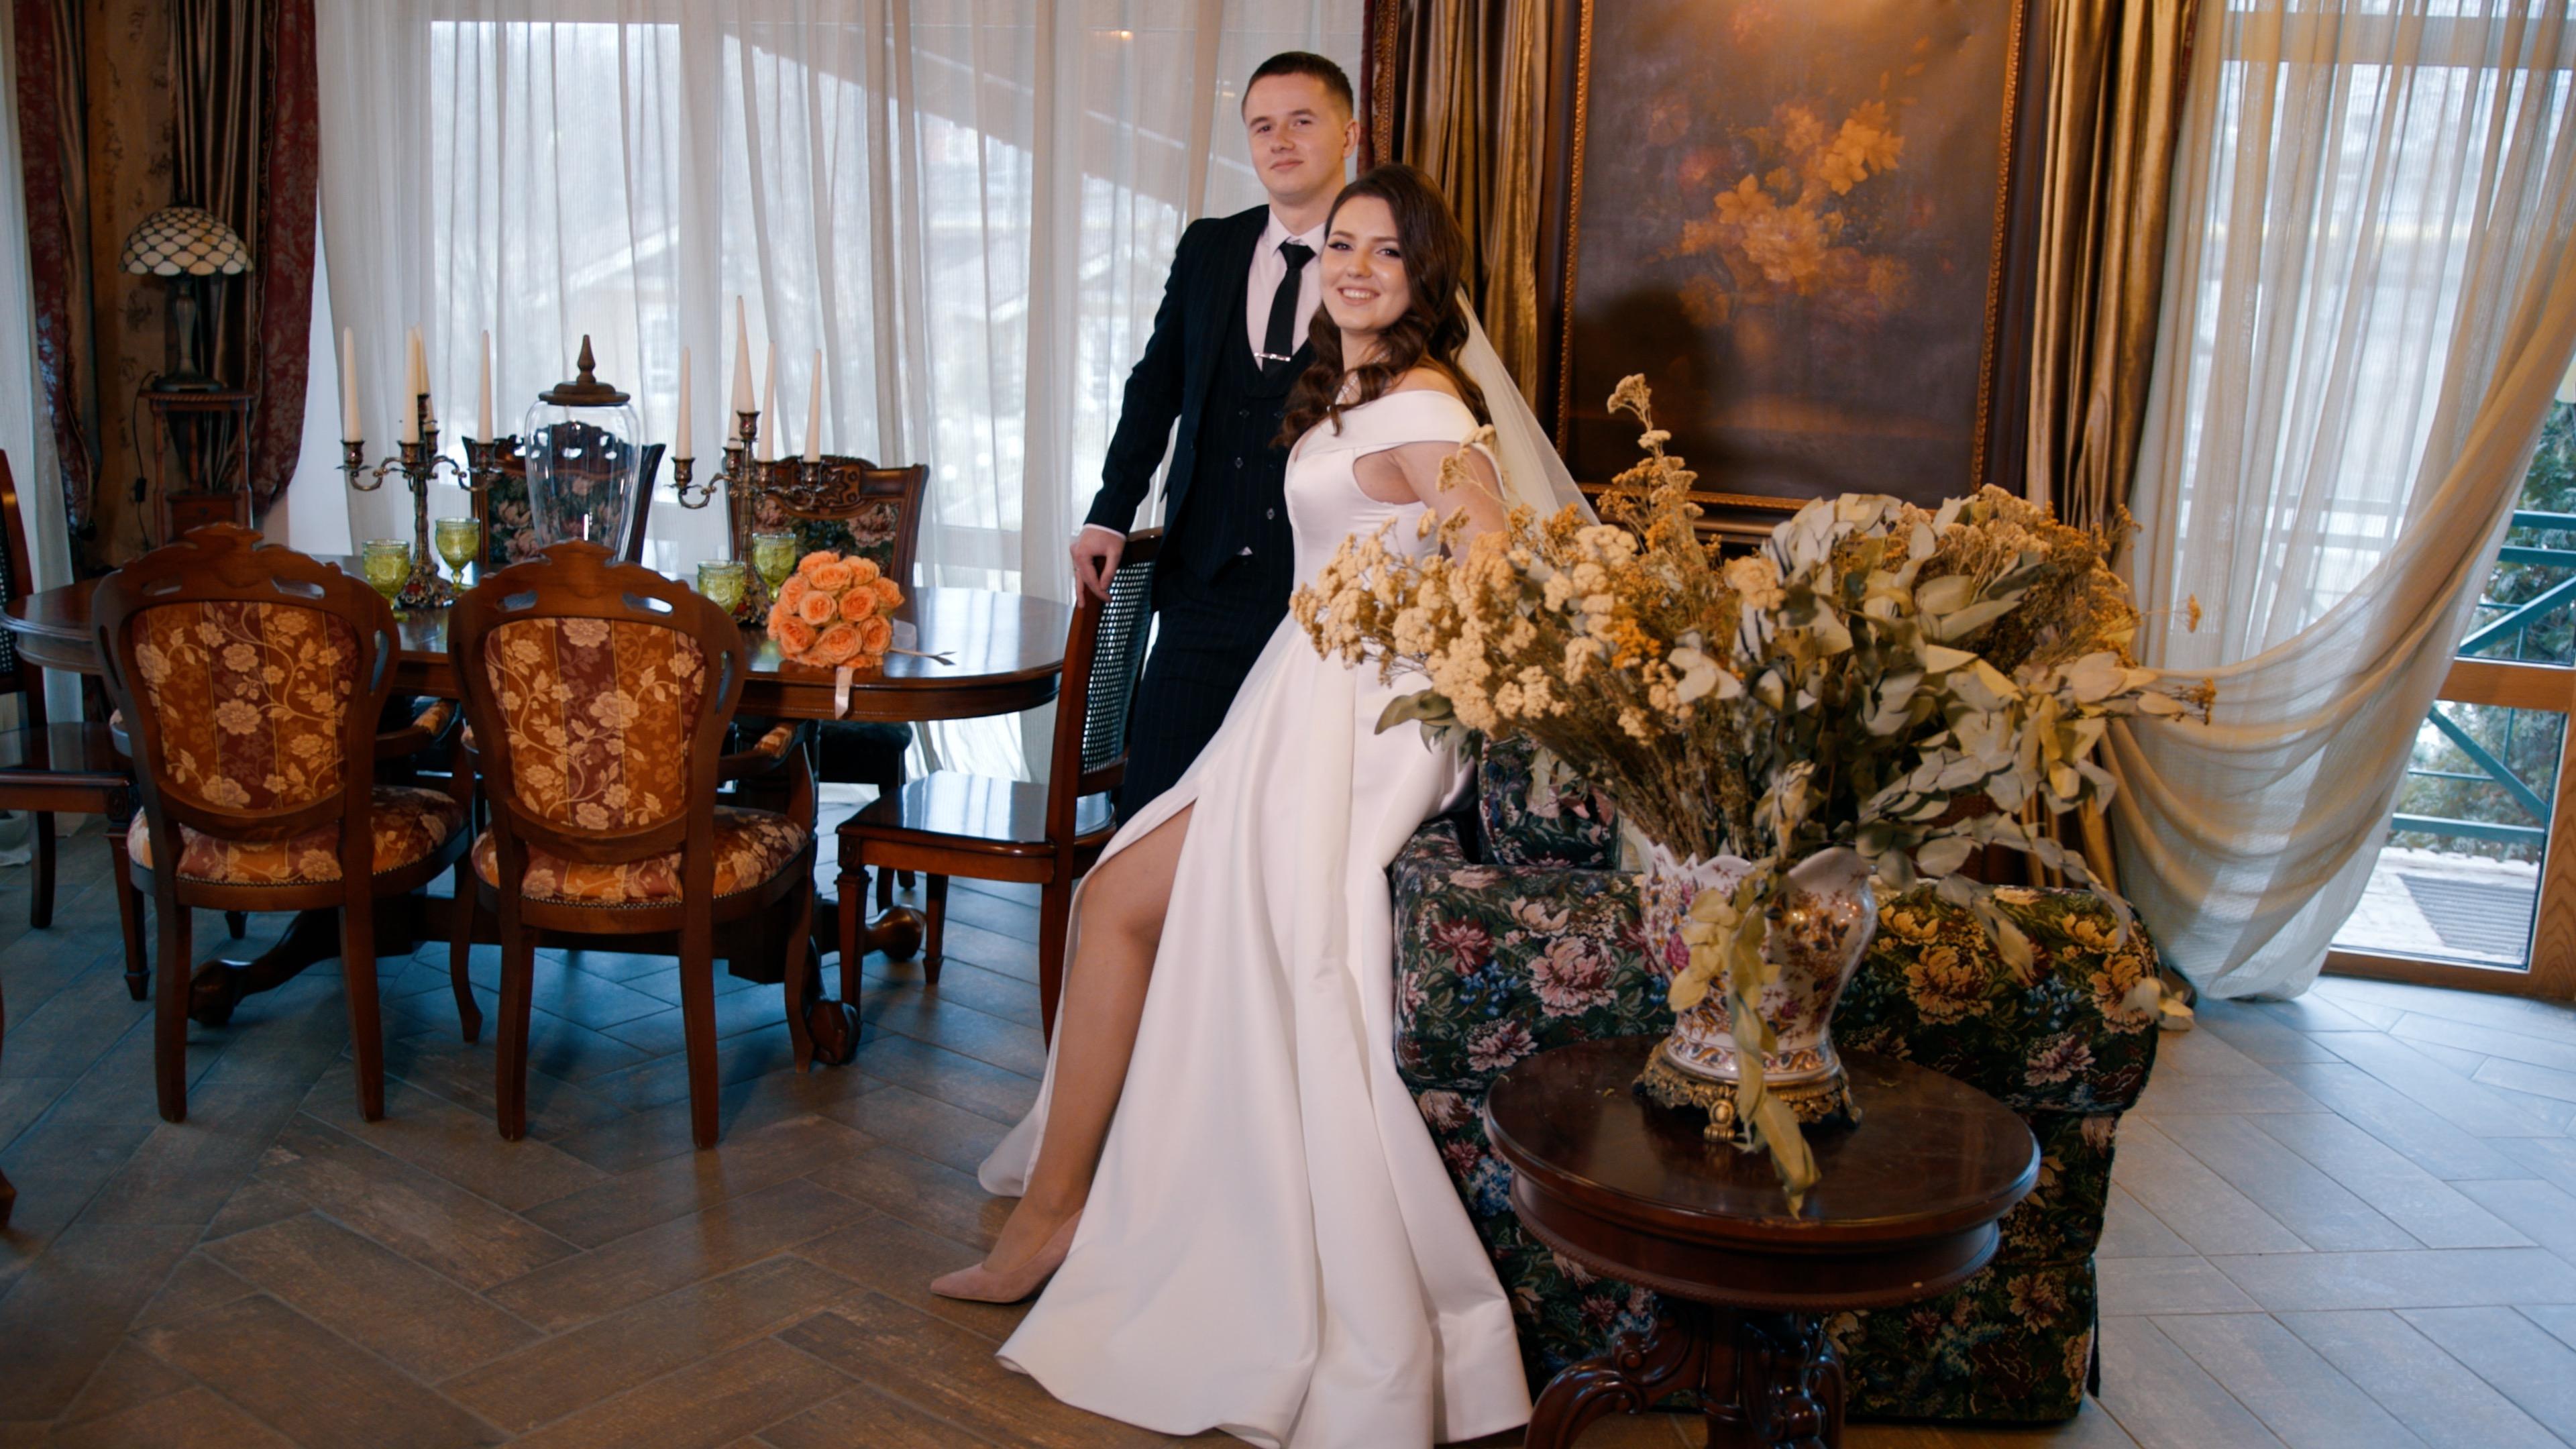 Видеосъемка свадьбы, встреча молодоженов2701